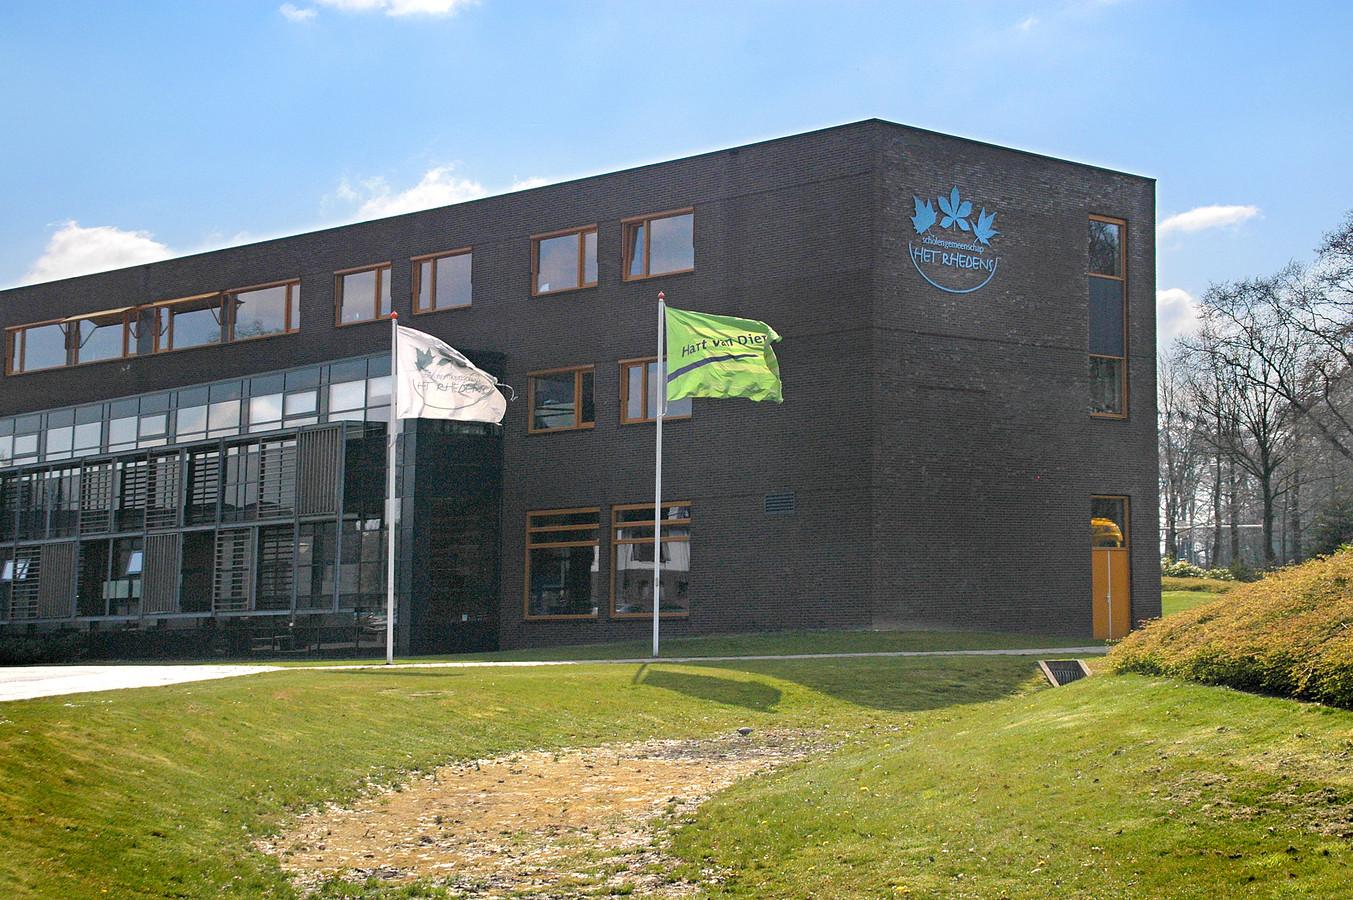 Het Rhedens op archiefbeeld.